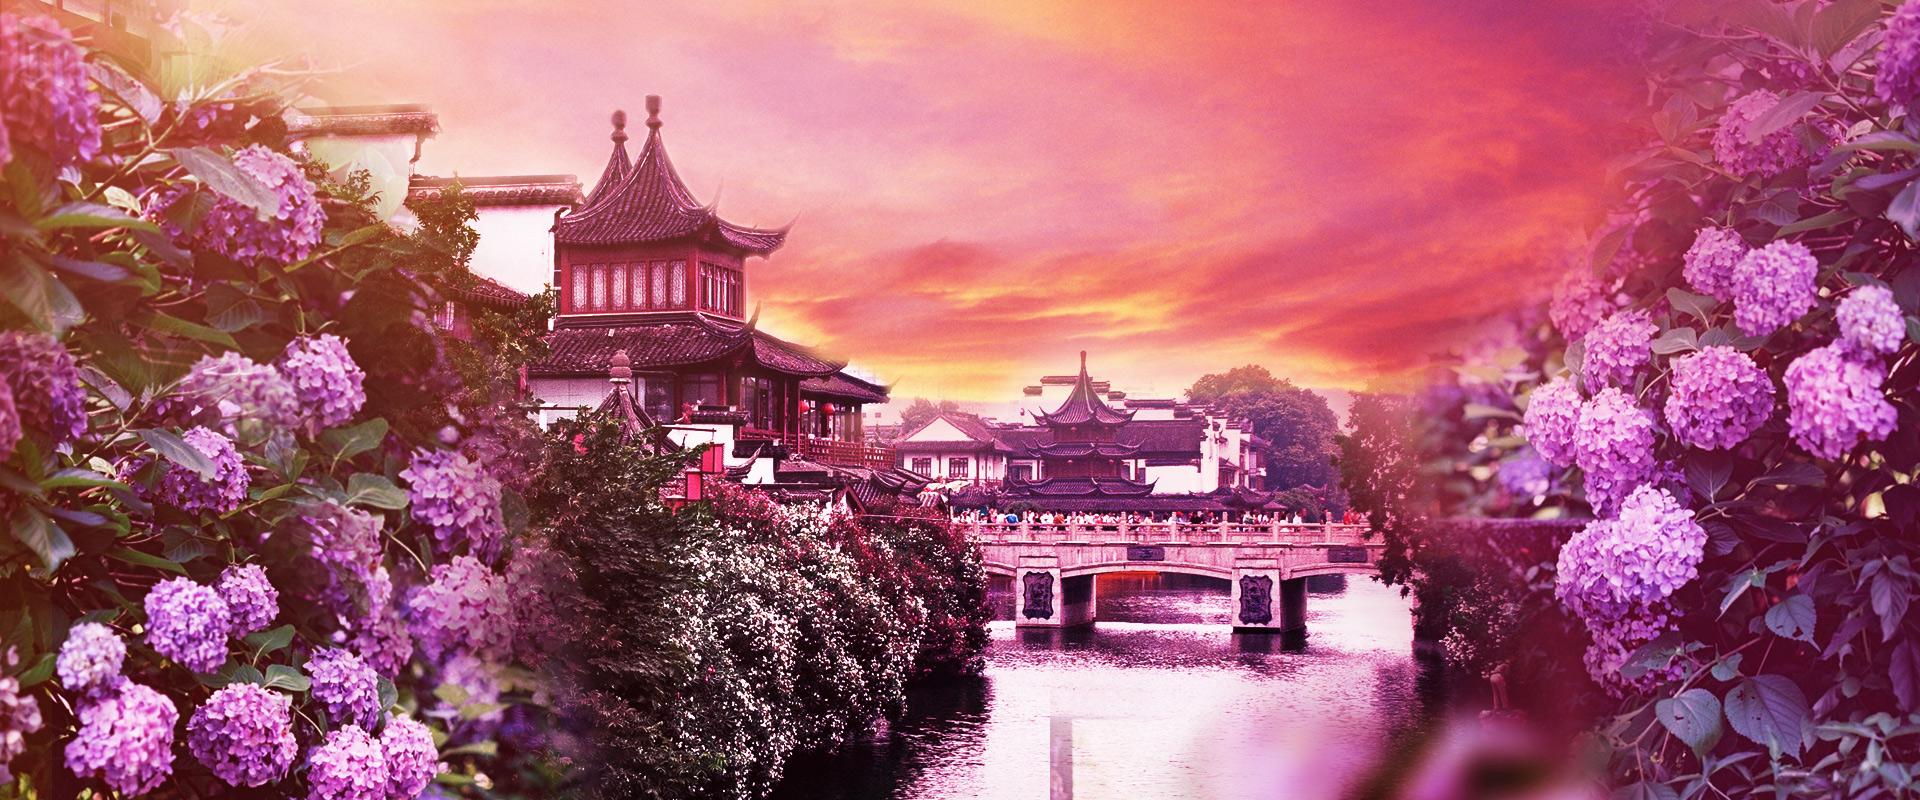 https://ru.gonanjingchina.com/sites/default/files/nanjing-travel-qinhuai-river.jpg